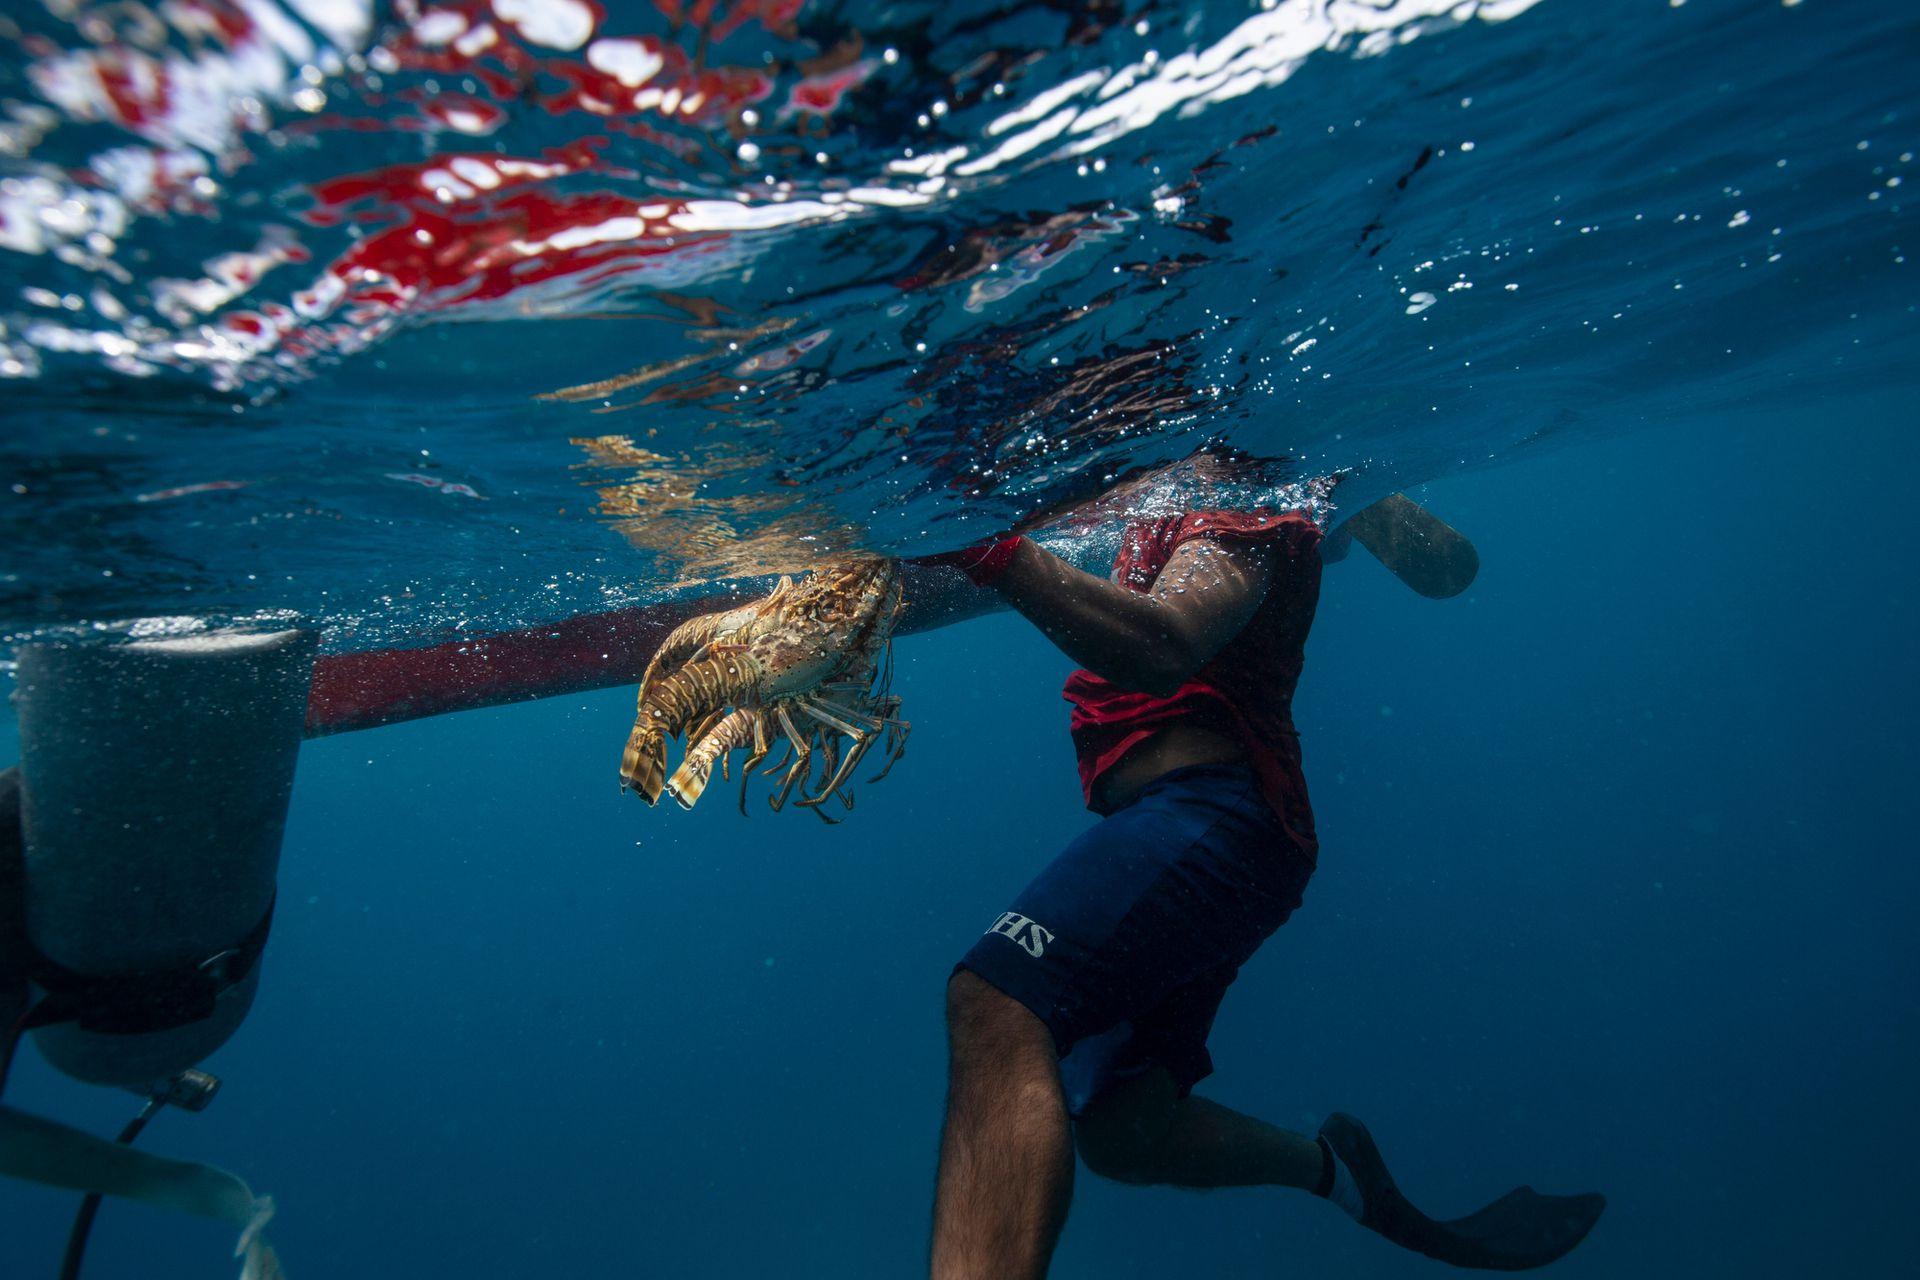 Un pescador lleva una langosta a su bote cerca del Cayo Savanna. Cada buzo recibe 3 dólares por cada libra de esta especie